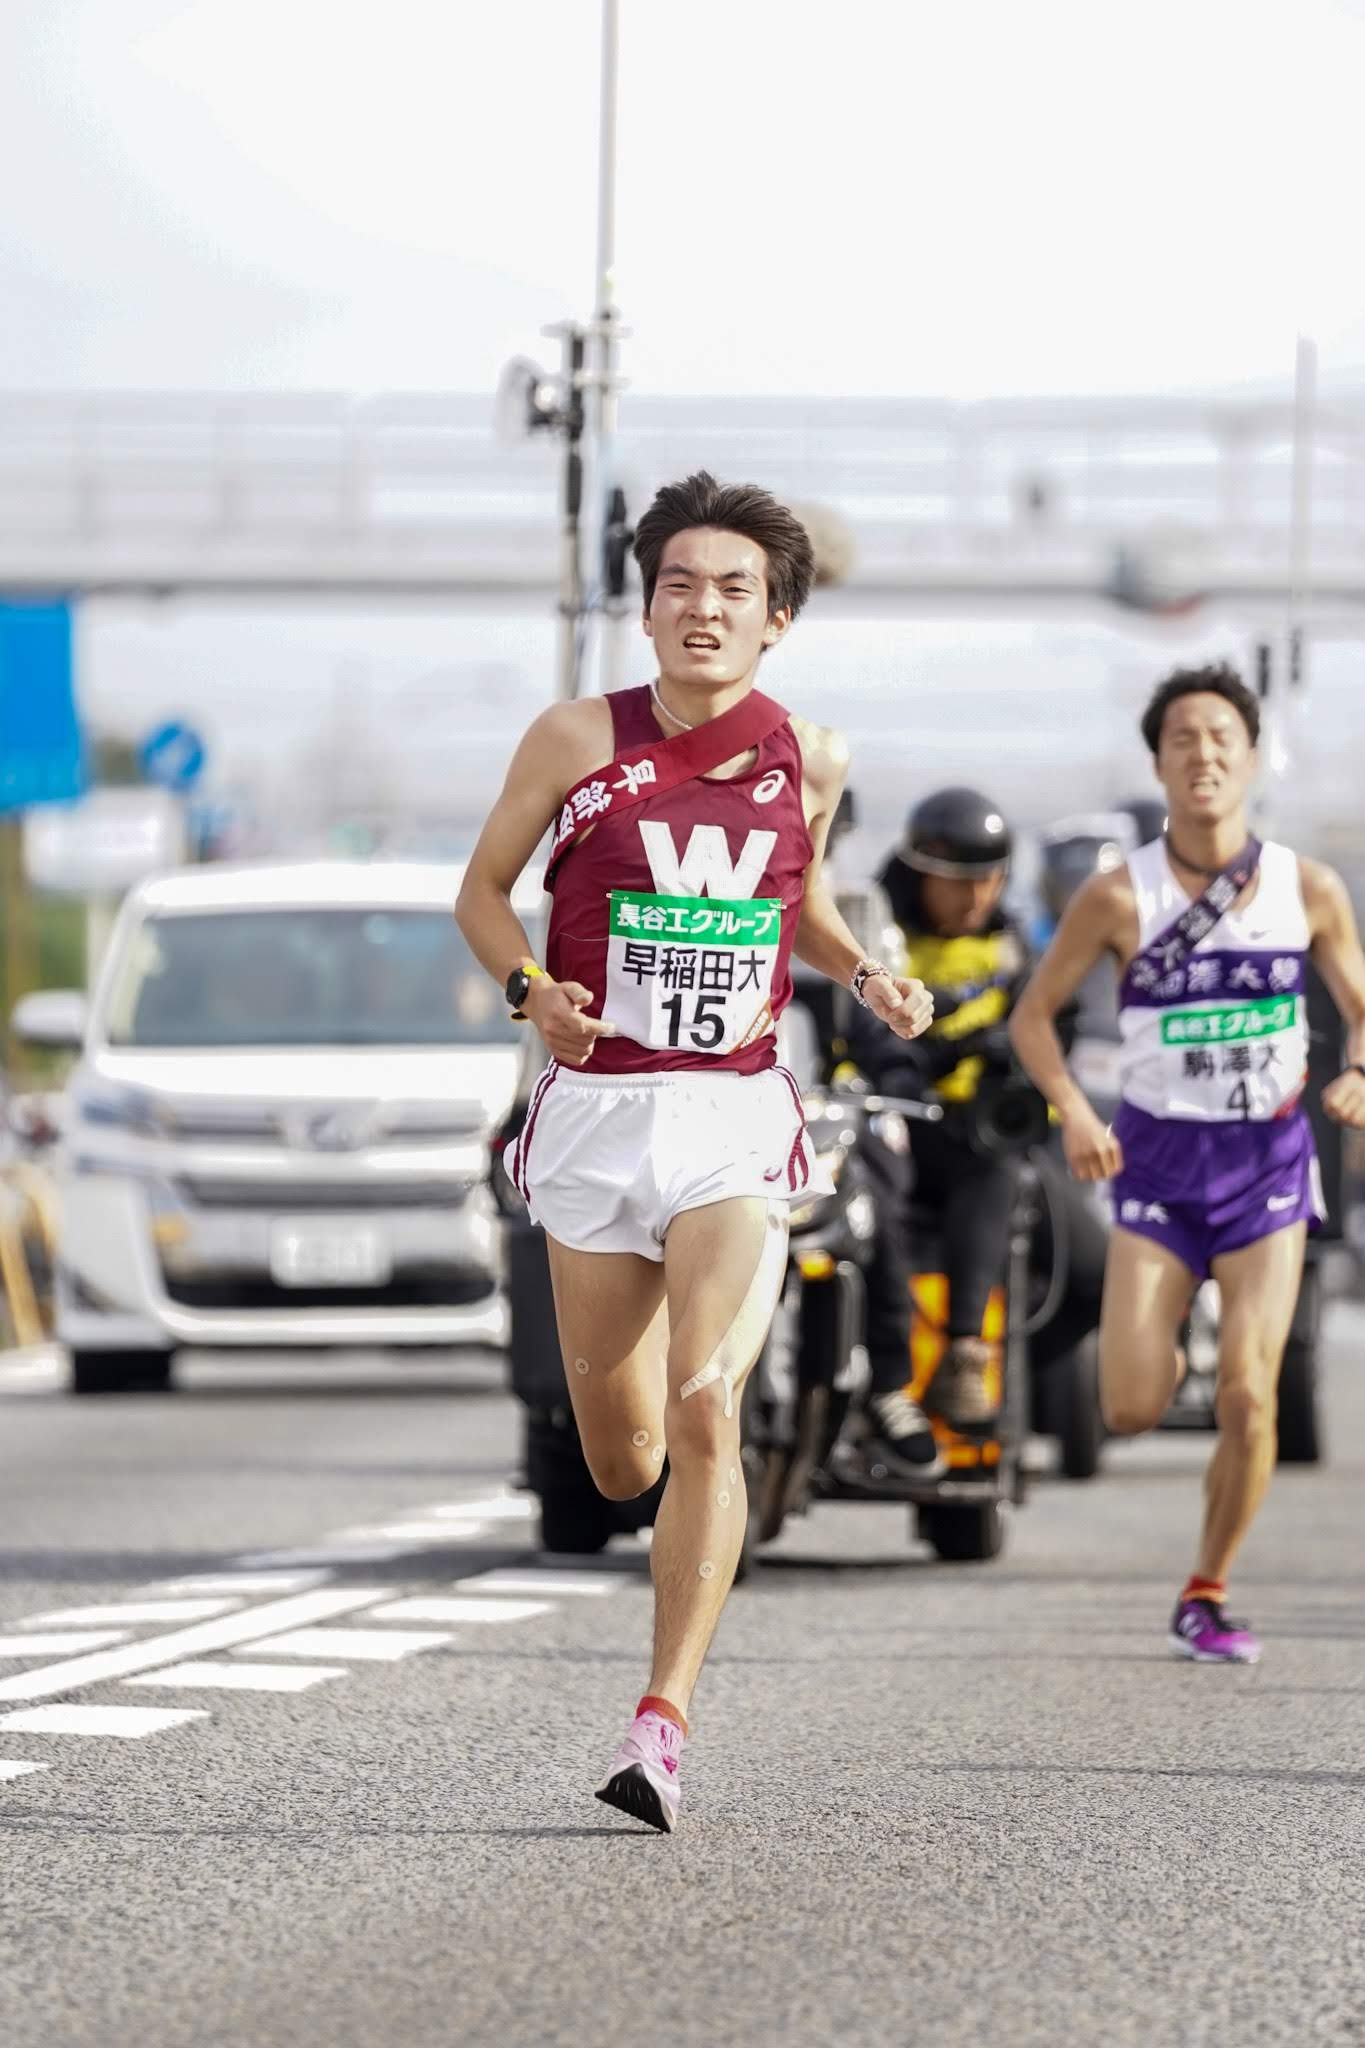 中谷雄飛 世代No.1選手から〝世界で戦える〟選手へ